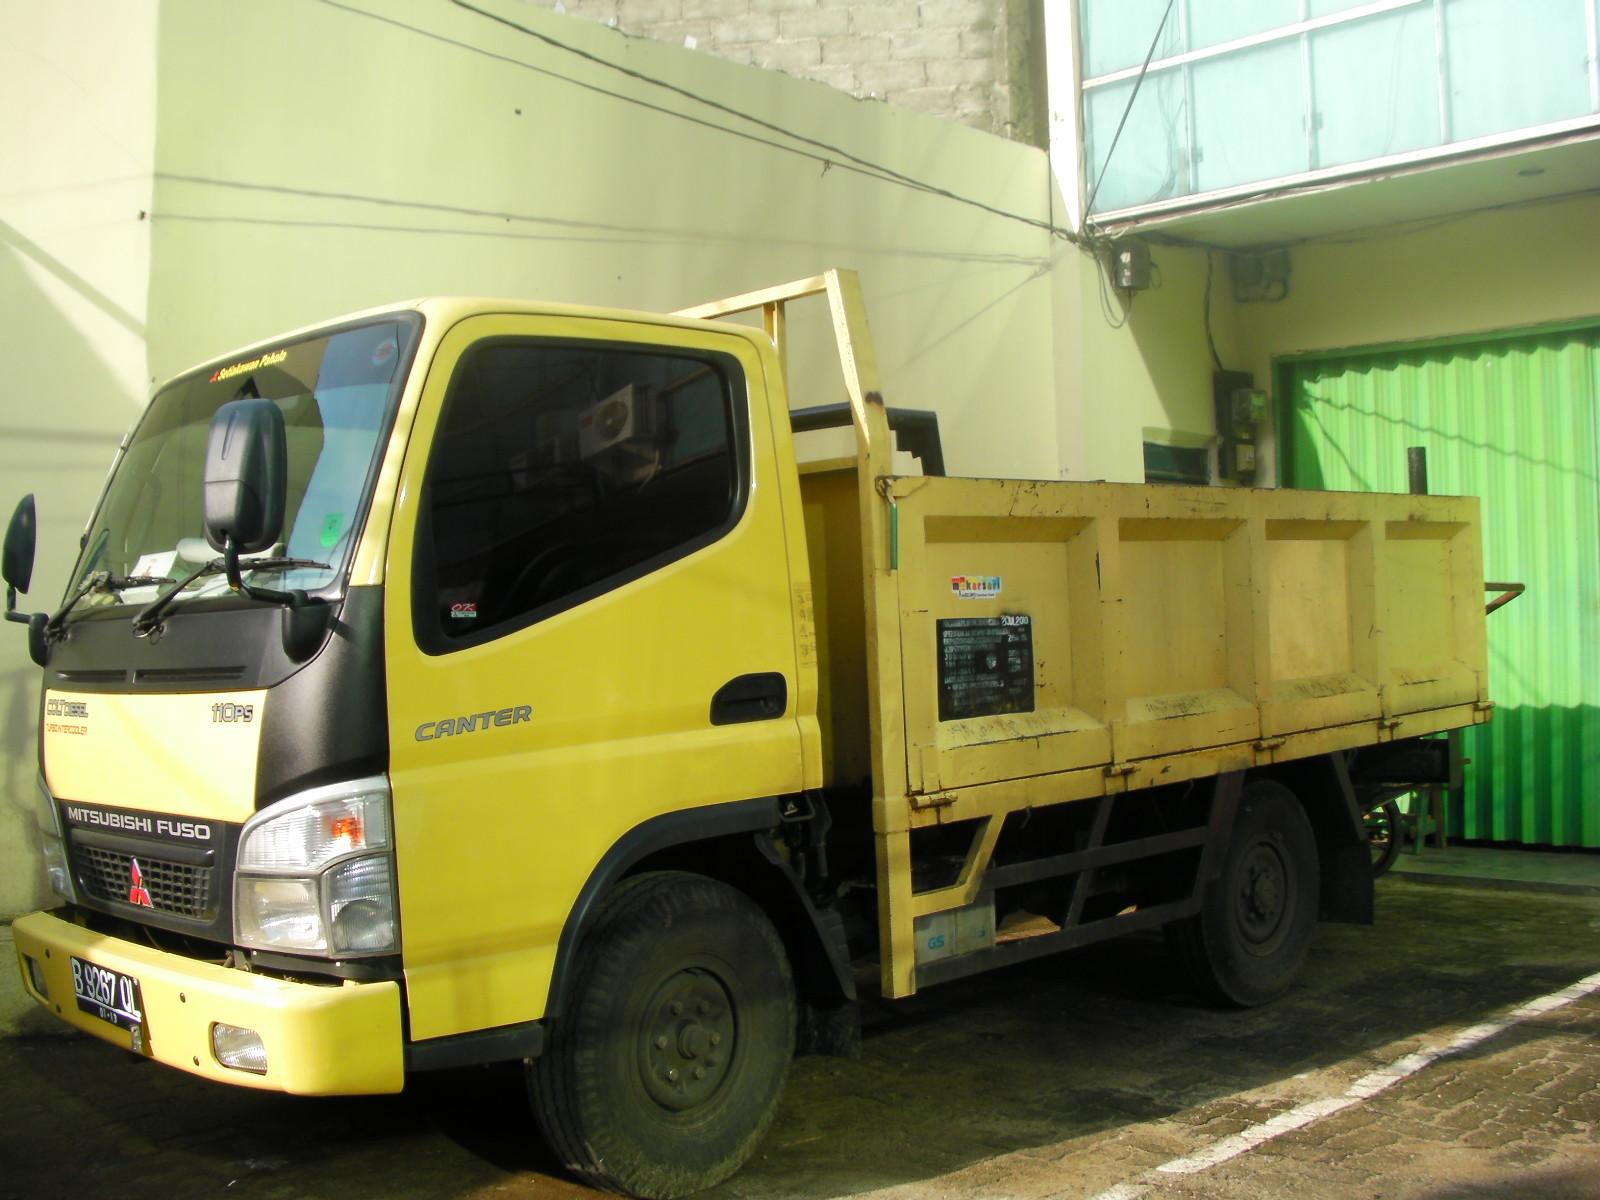 sewa mobil truk sewa mobil box sewa truck untuk pindahan rumah dan kiriman barang juli 2010. Black Bedroom Furniture Sets. Home Design Ideas